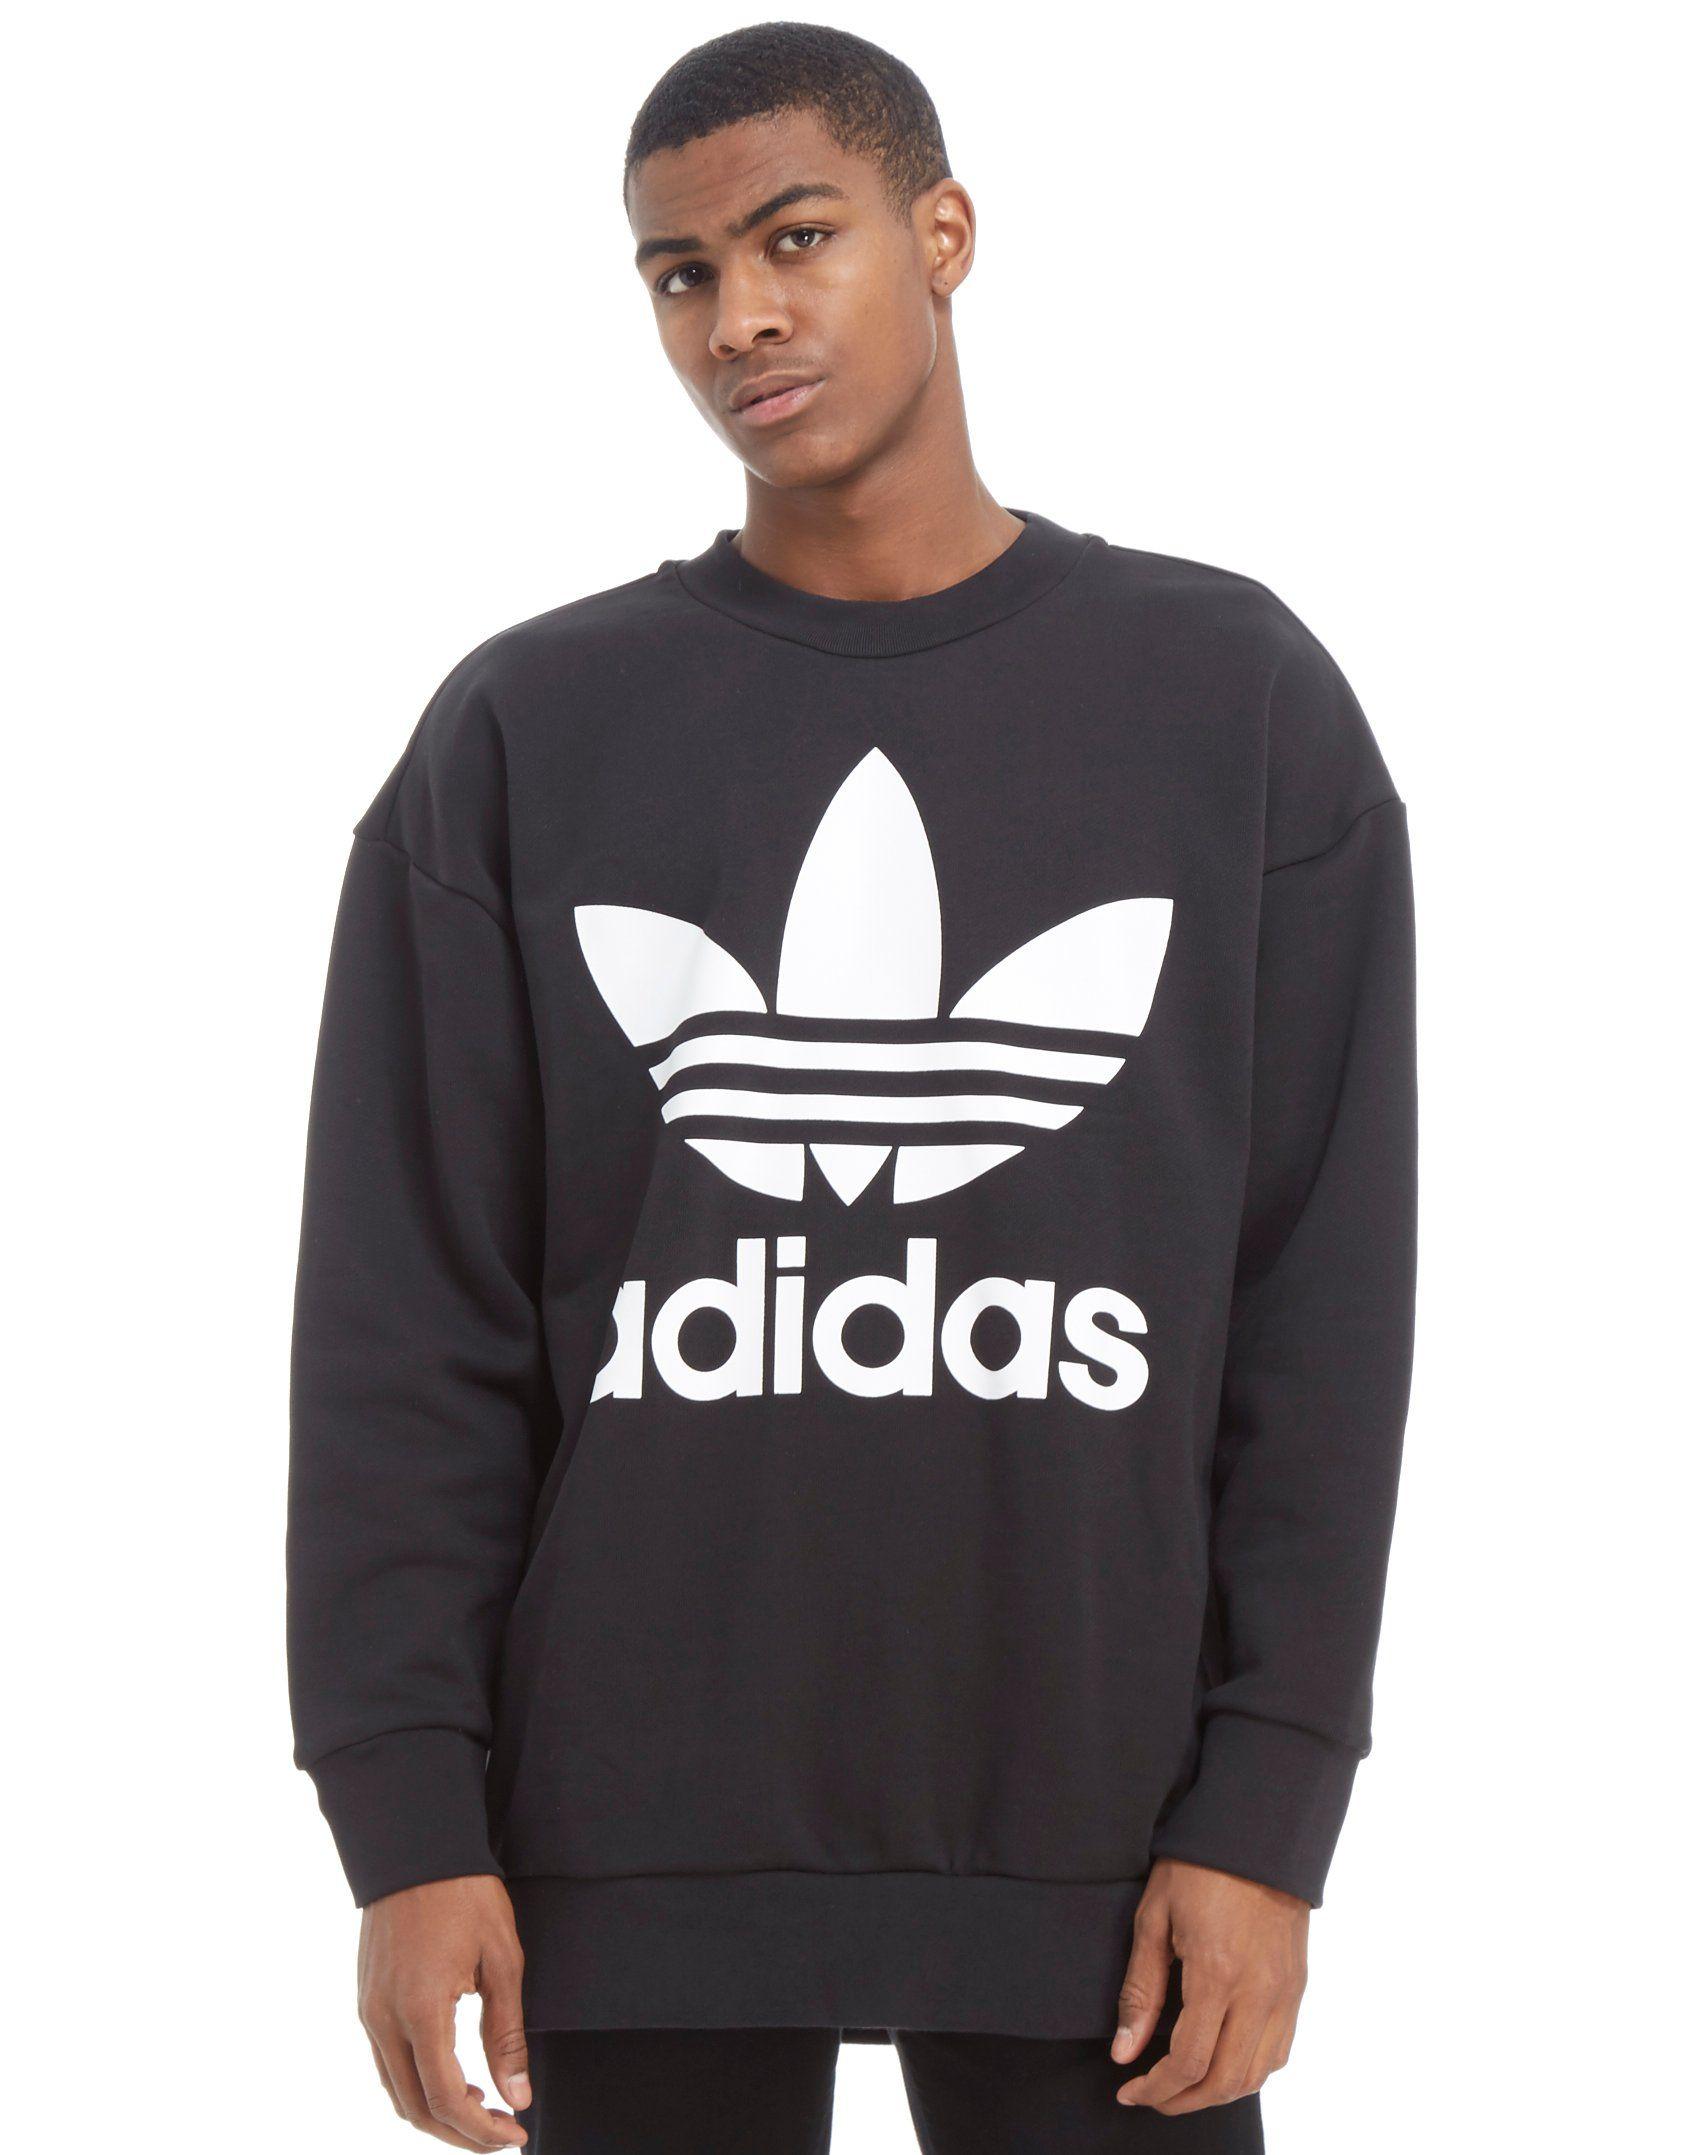 Adidas Originali Trifoglio Sports Enorme Equipaggio Felpa Jd Sports Trifoglio bf9faa